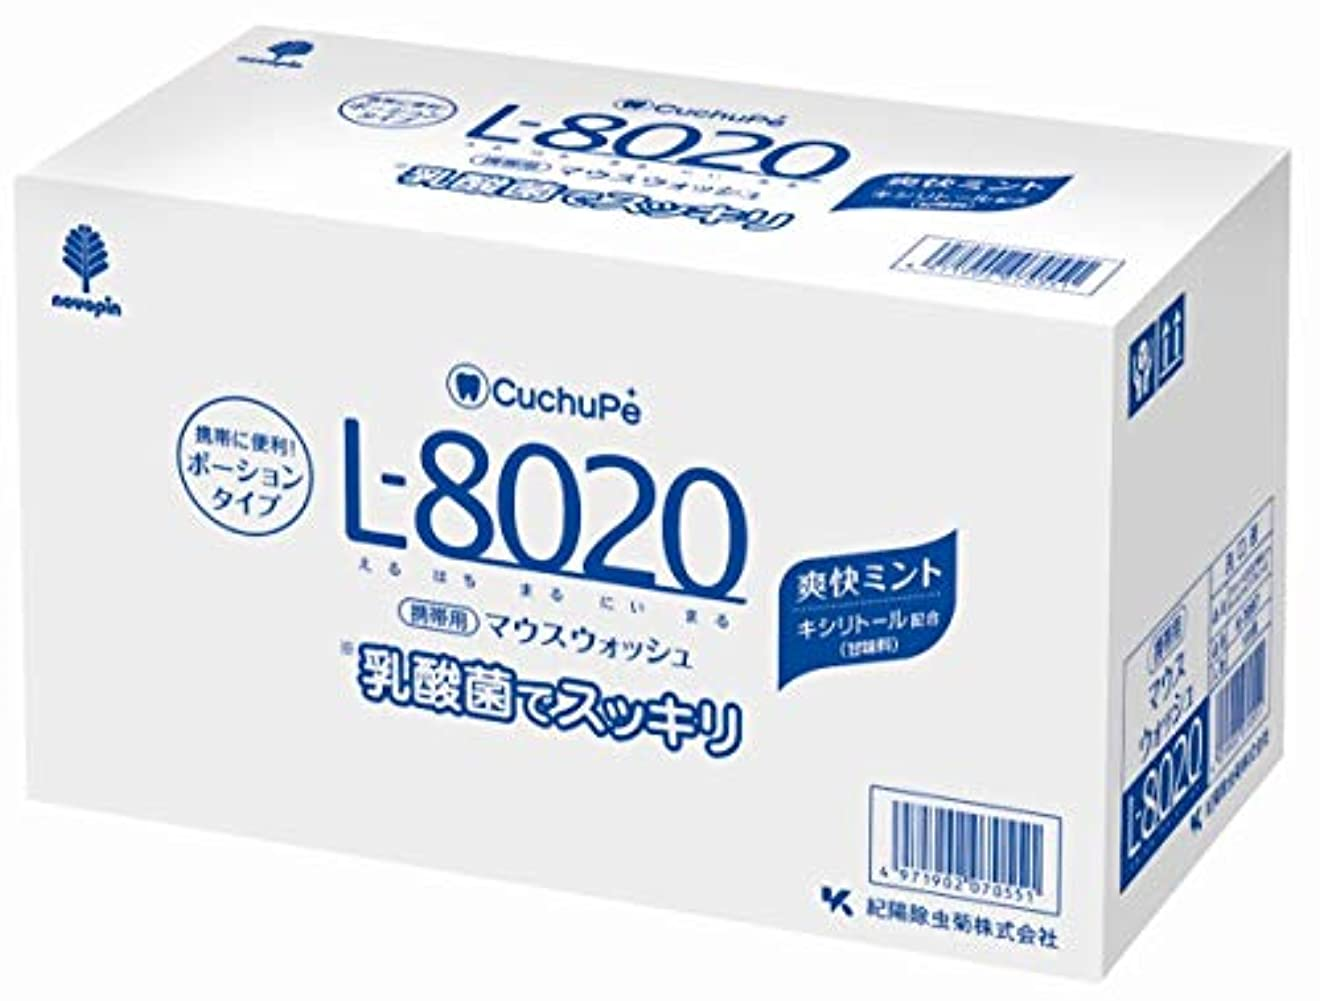 遅い延ばすサンダル日本製 made in japan クチュッペL-8020 爽快ミント ポーションタイプ100個入(アルコール) K-7097【まとめ買い10個セット】